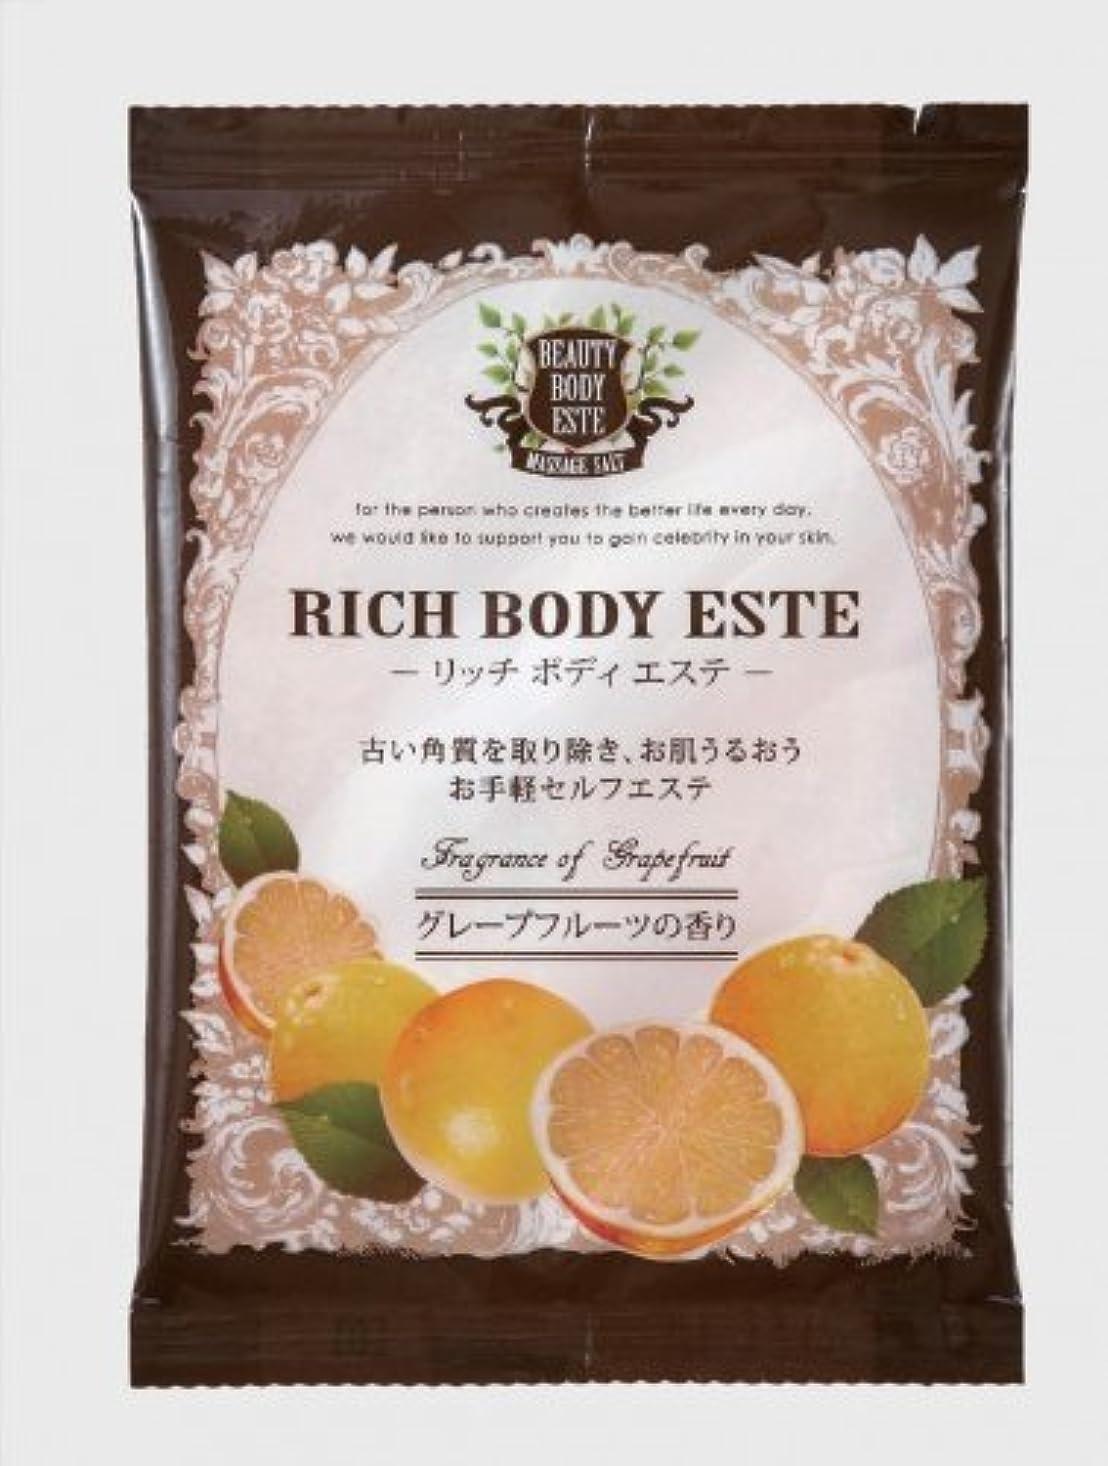 エンジニア大気試みるリッチボディエステ マッサージソルト(グレープフルーツの香り)50g (フラワー系)